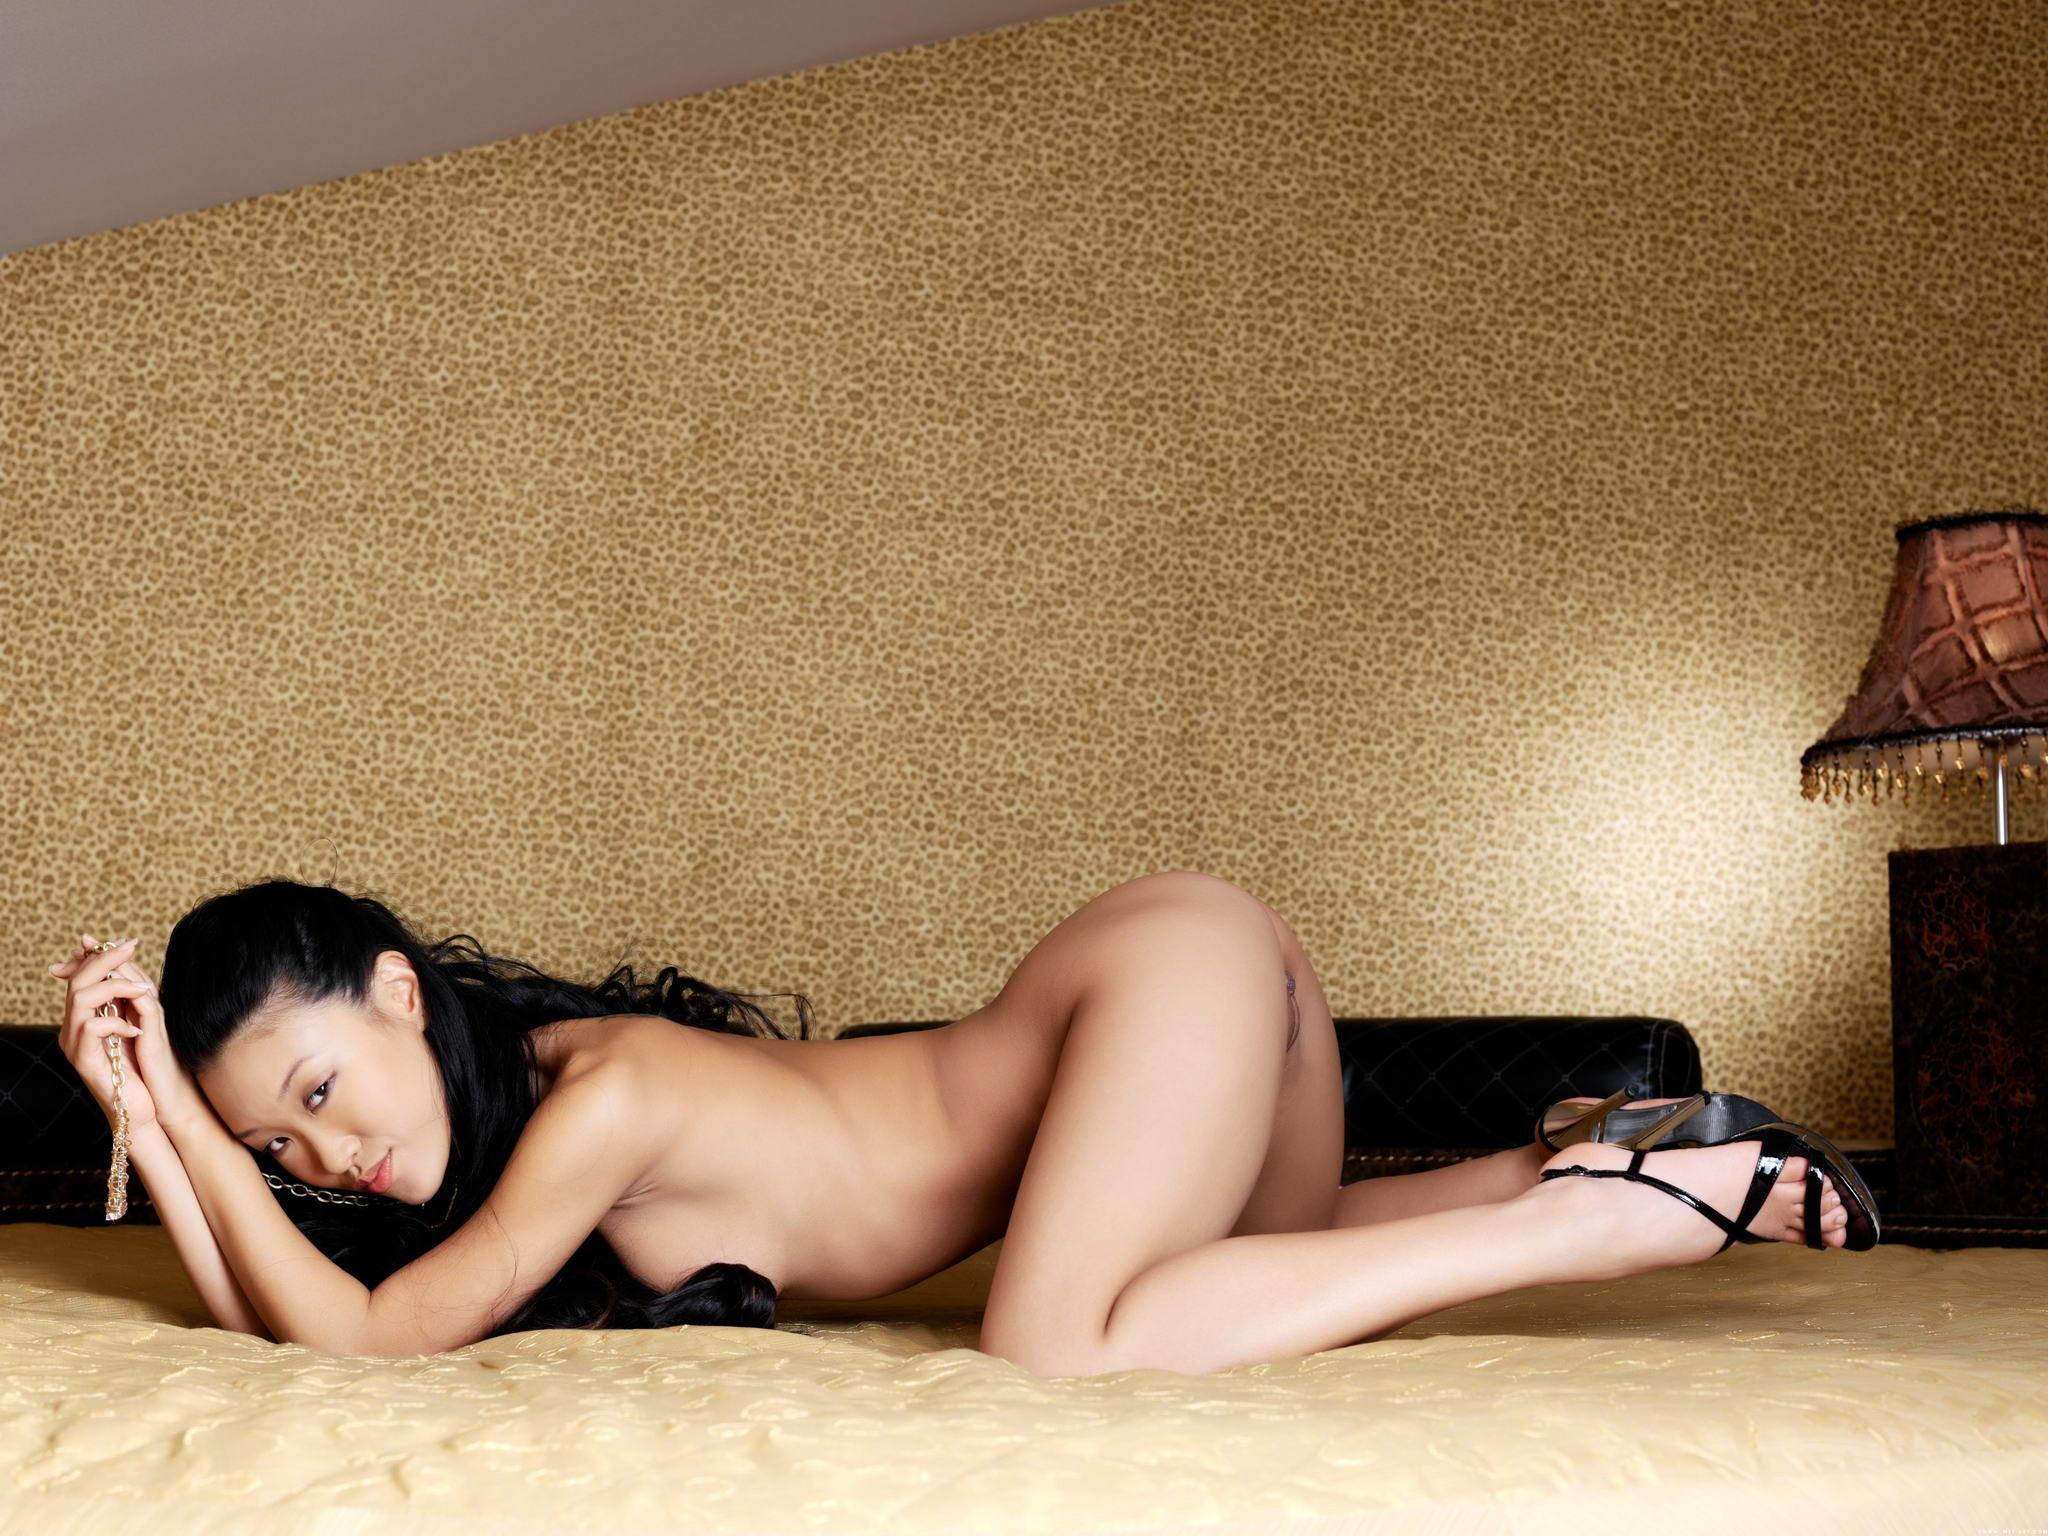 Проститутки алексеевская азиатки, частные фото девушек из соц сетей россии эротика